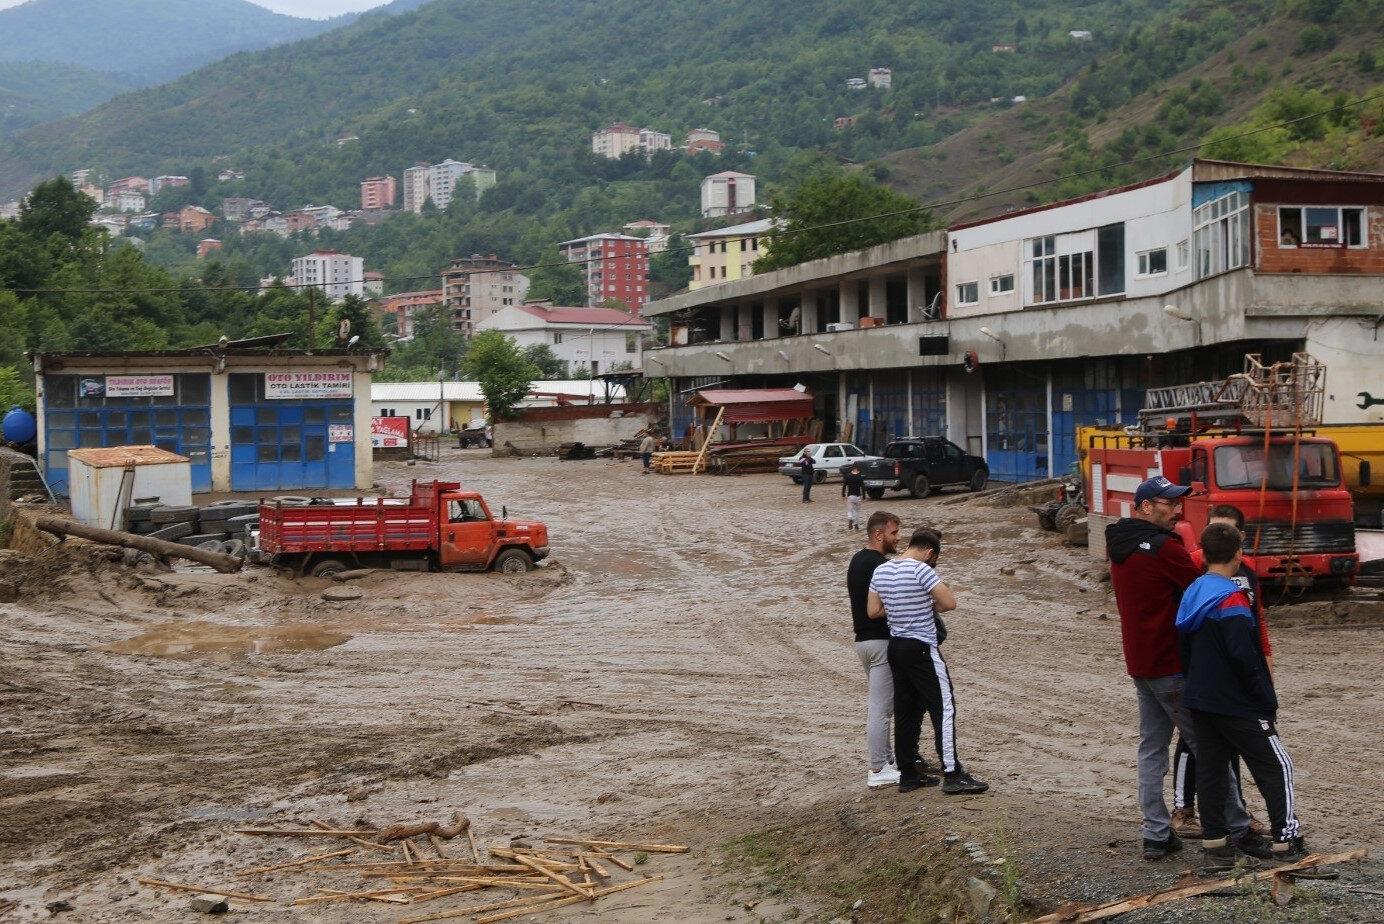 Murgul Deresi'nin taşması sonucu sanayi sitesinde bulunan 14 iş yerine su basarken, iki köprü yıkıldı.